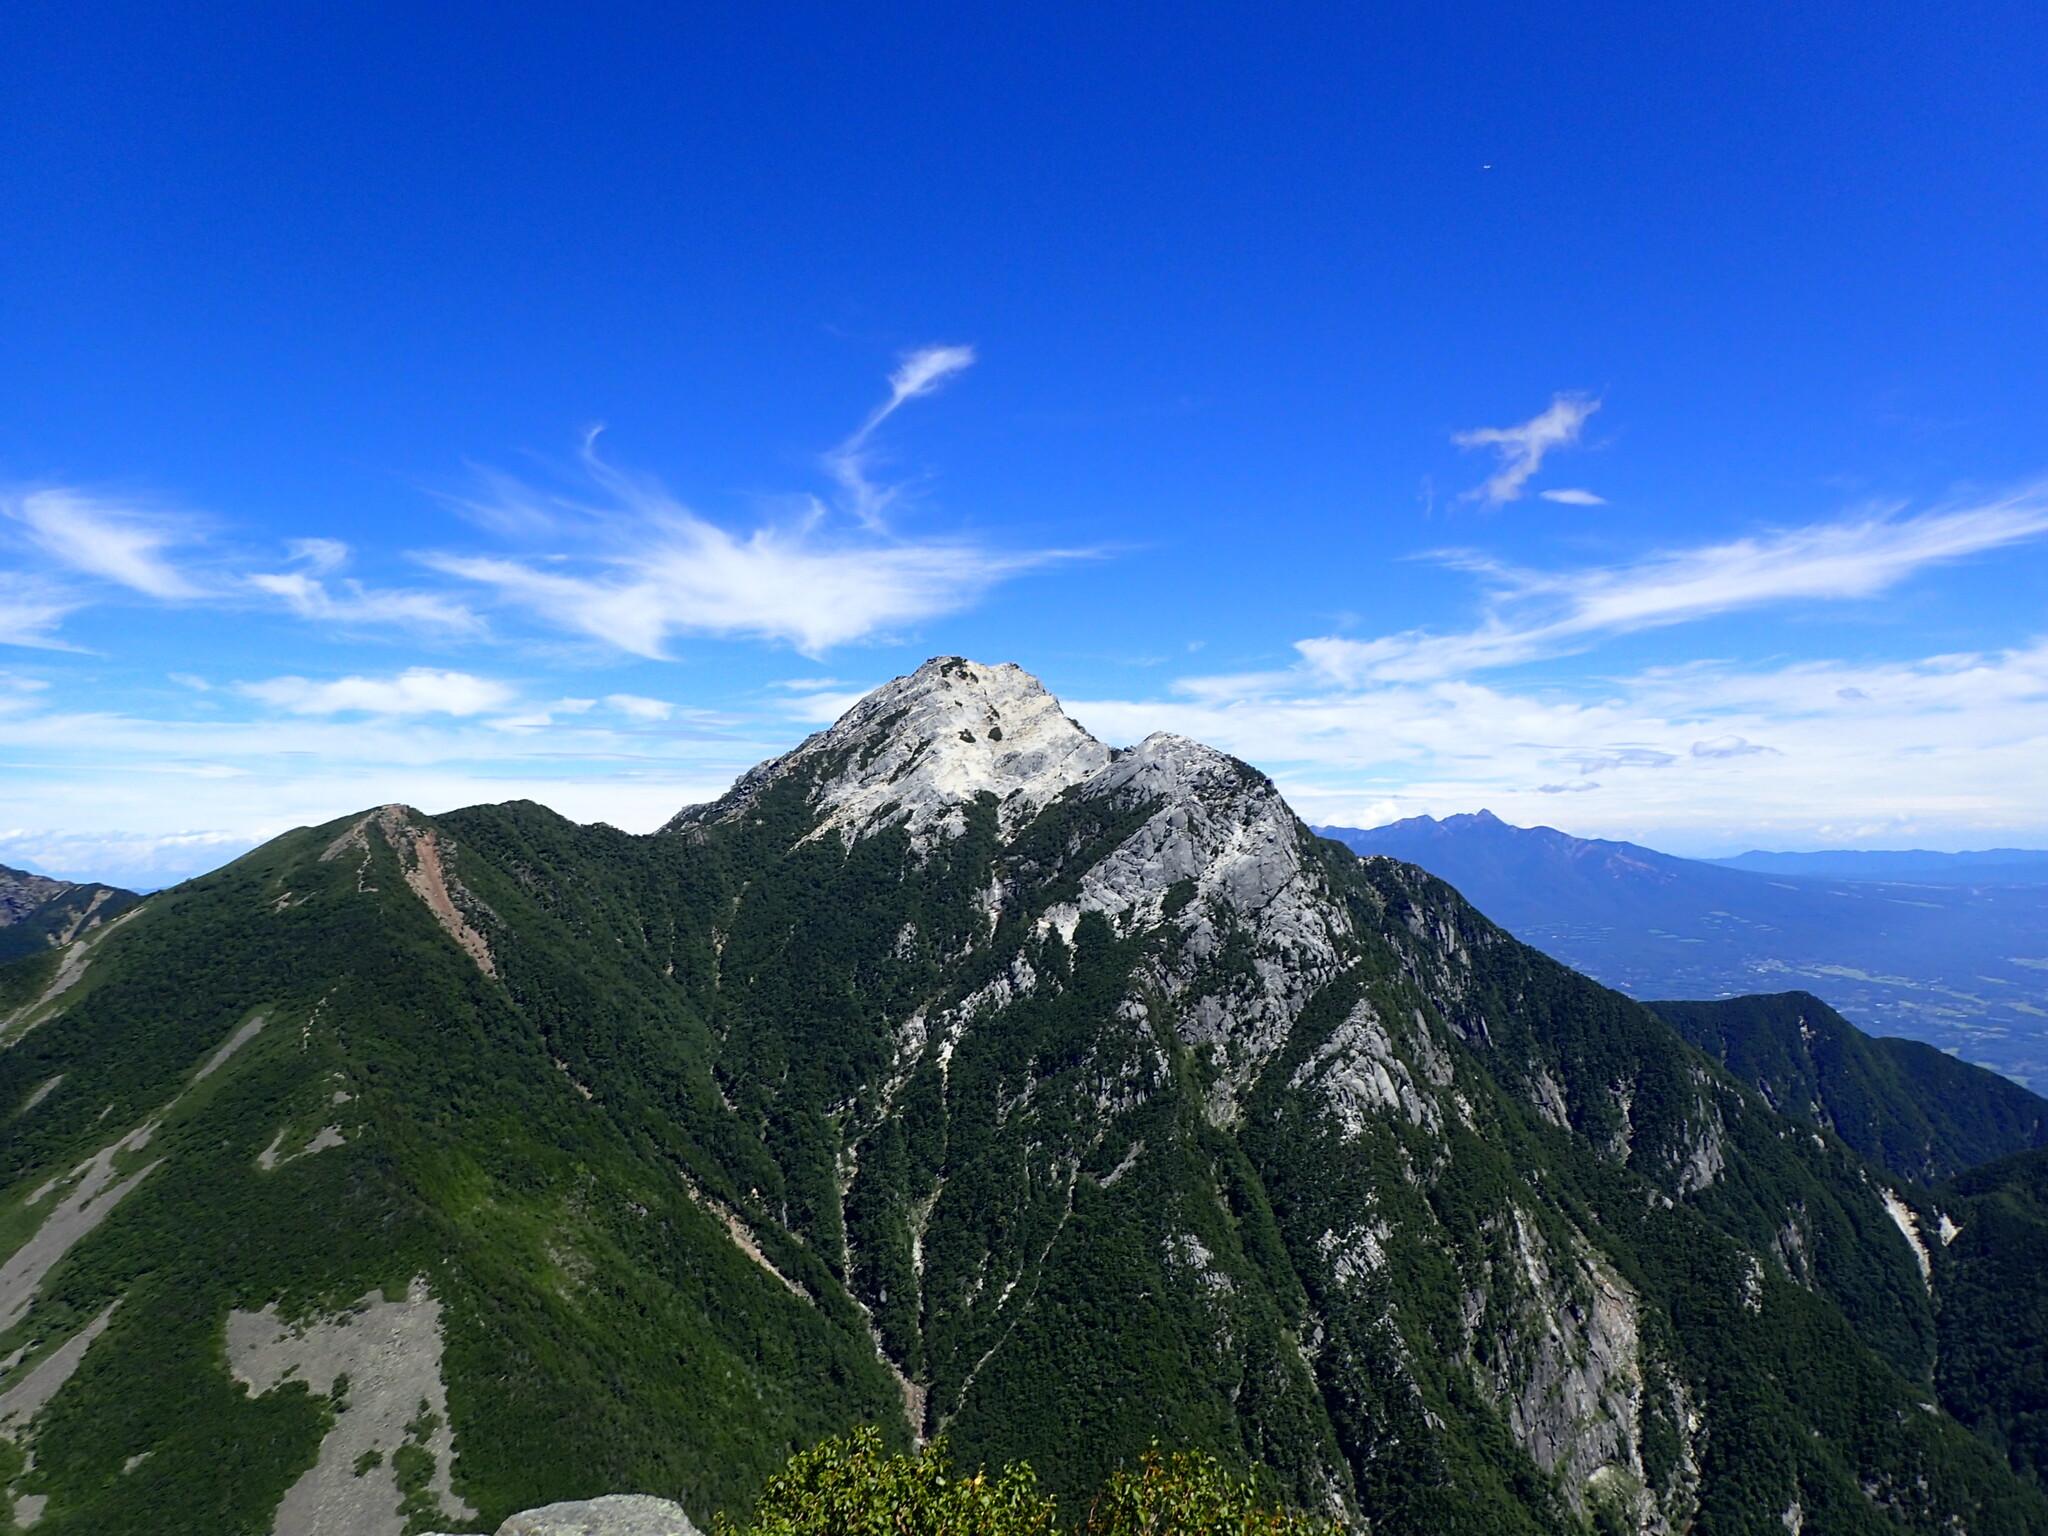 格調高いピラミッド形の秀峰<br>南アルプス 甲斐駒ヶ岳 2日間